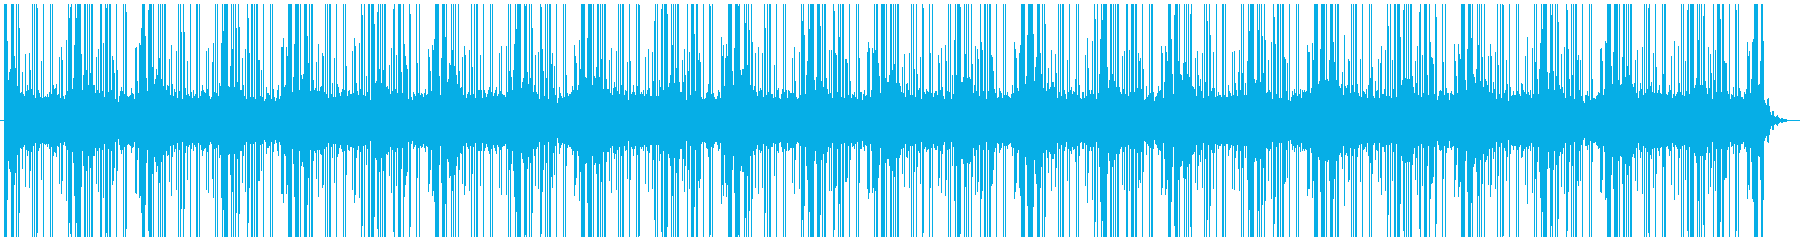 シンプルでオトナな雰囲気のあるBGMの再生済みの波形